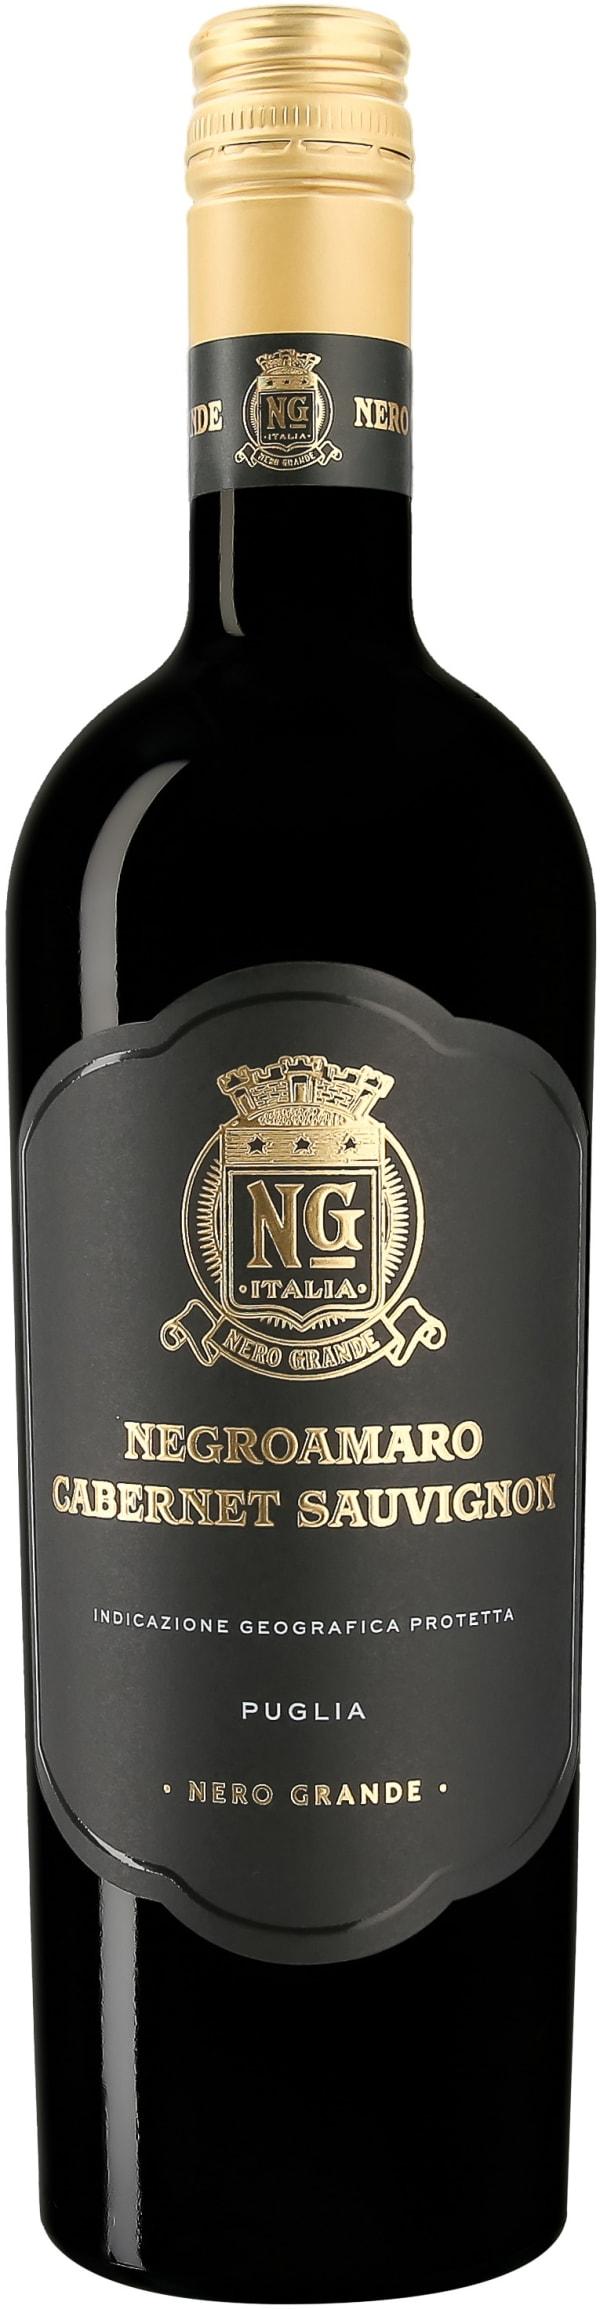 Nero Grande Negroamaro Cabernet Sauvignon 2016